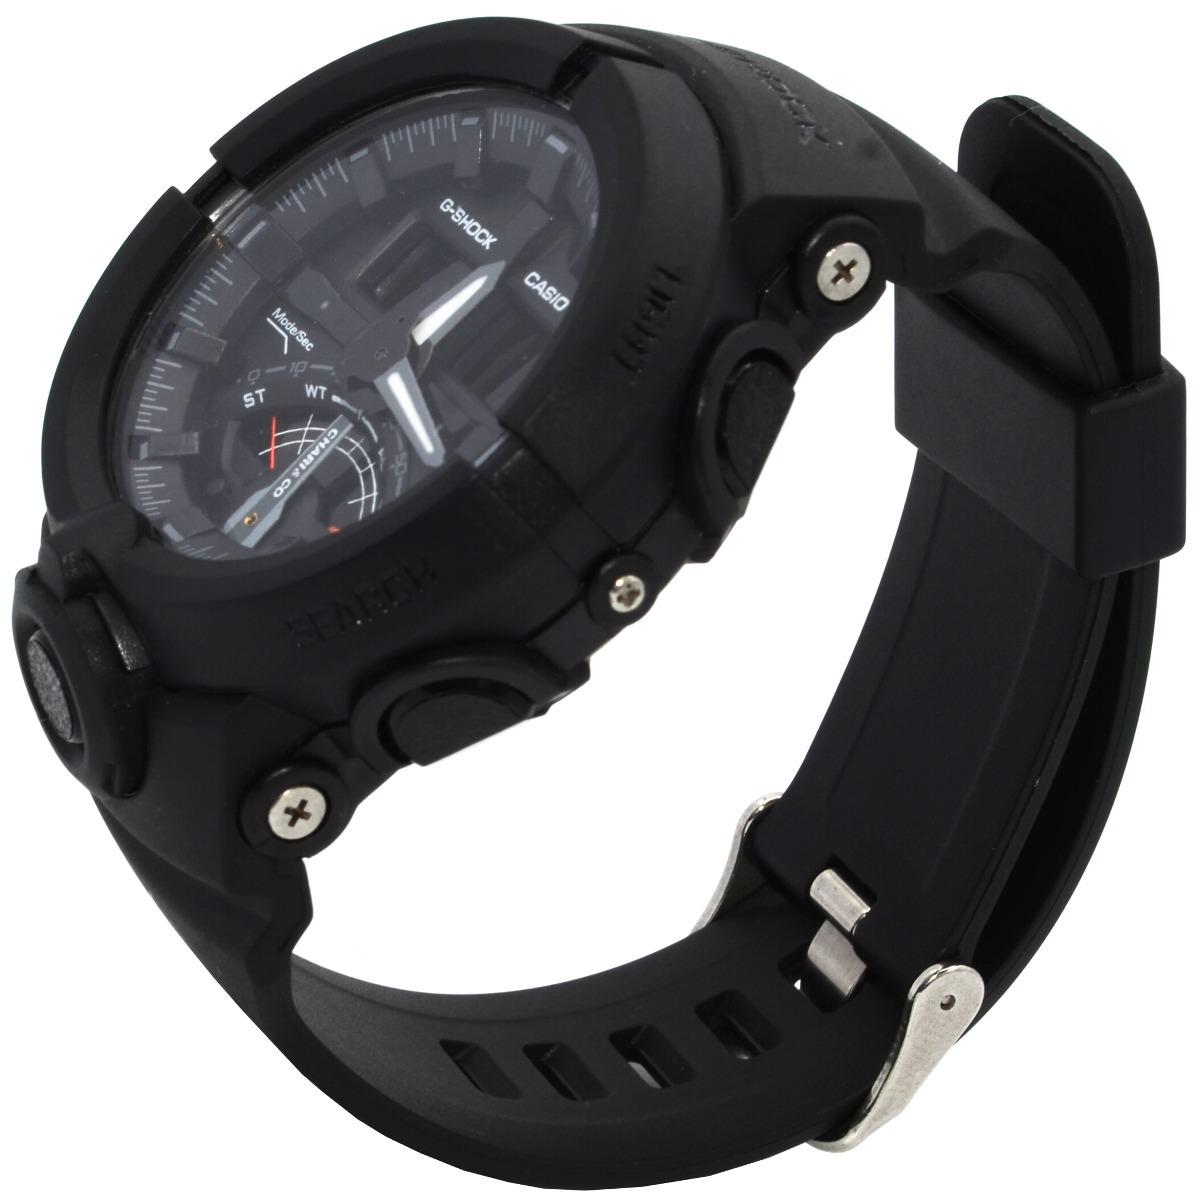 2e527295017 relógio masculino casio g-shock ga-500 preto lançamento! Carregando zoom.